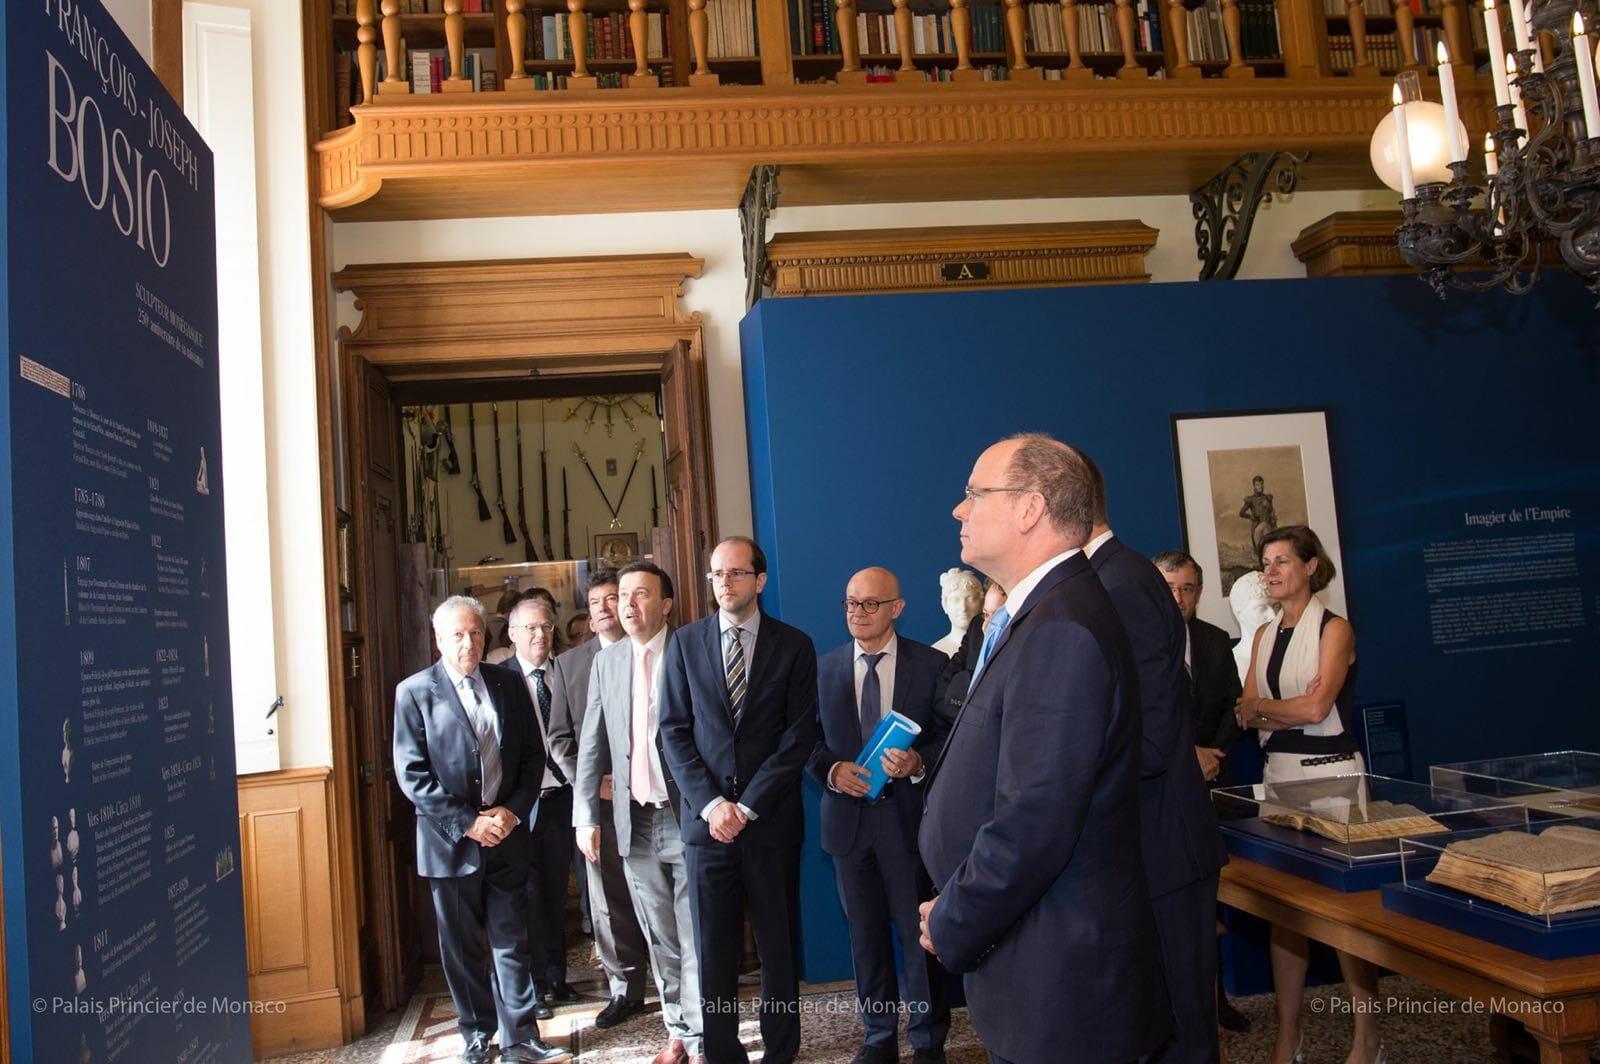 Дела княжеские: Альбер II открыл выставку Франсуа-Жозефа Бозио